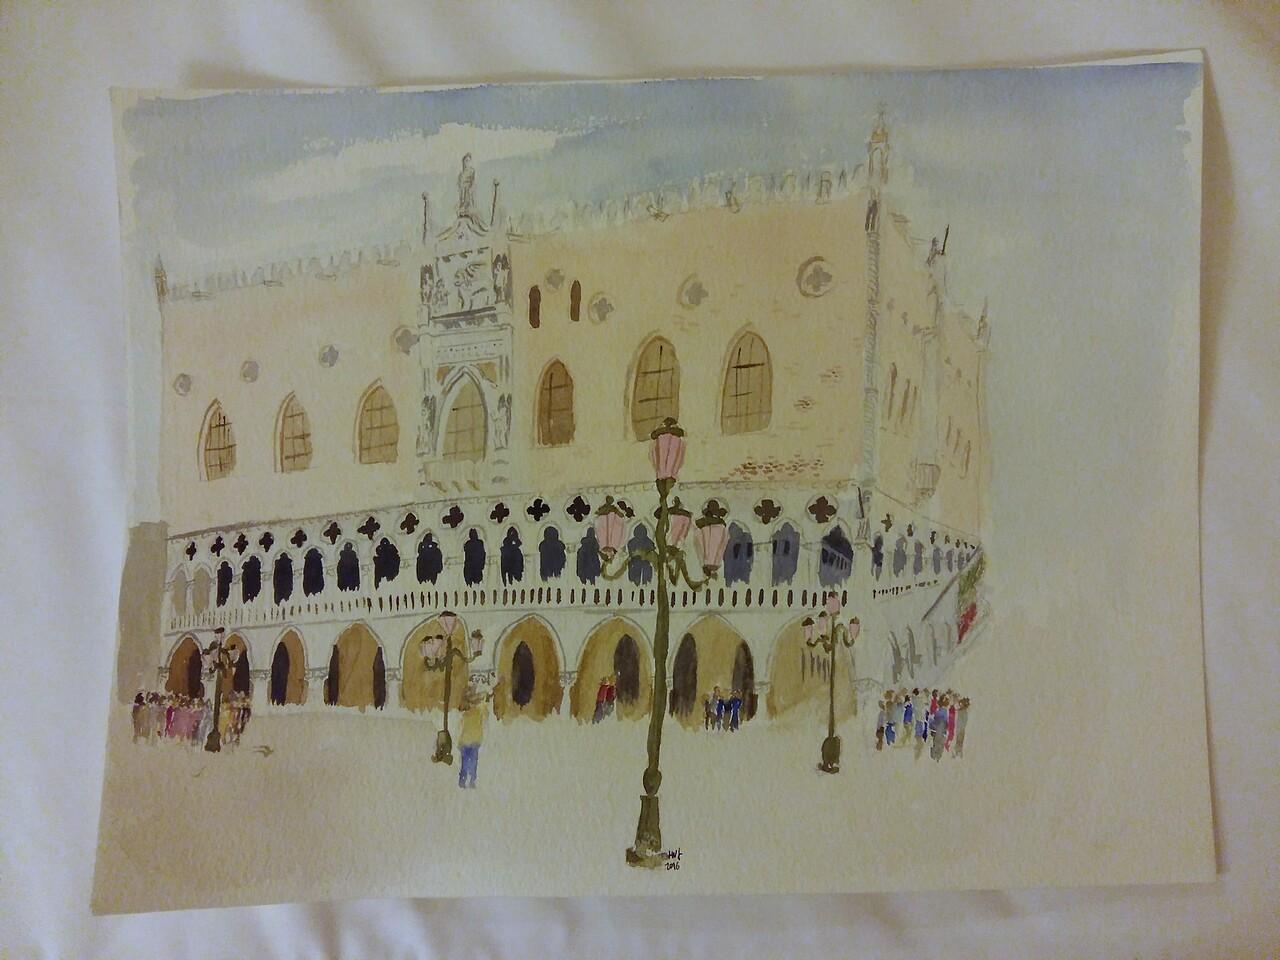 Palazze Ducale, Venezia